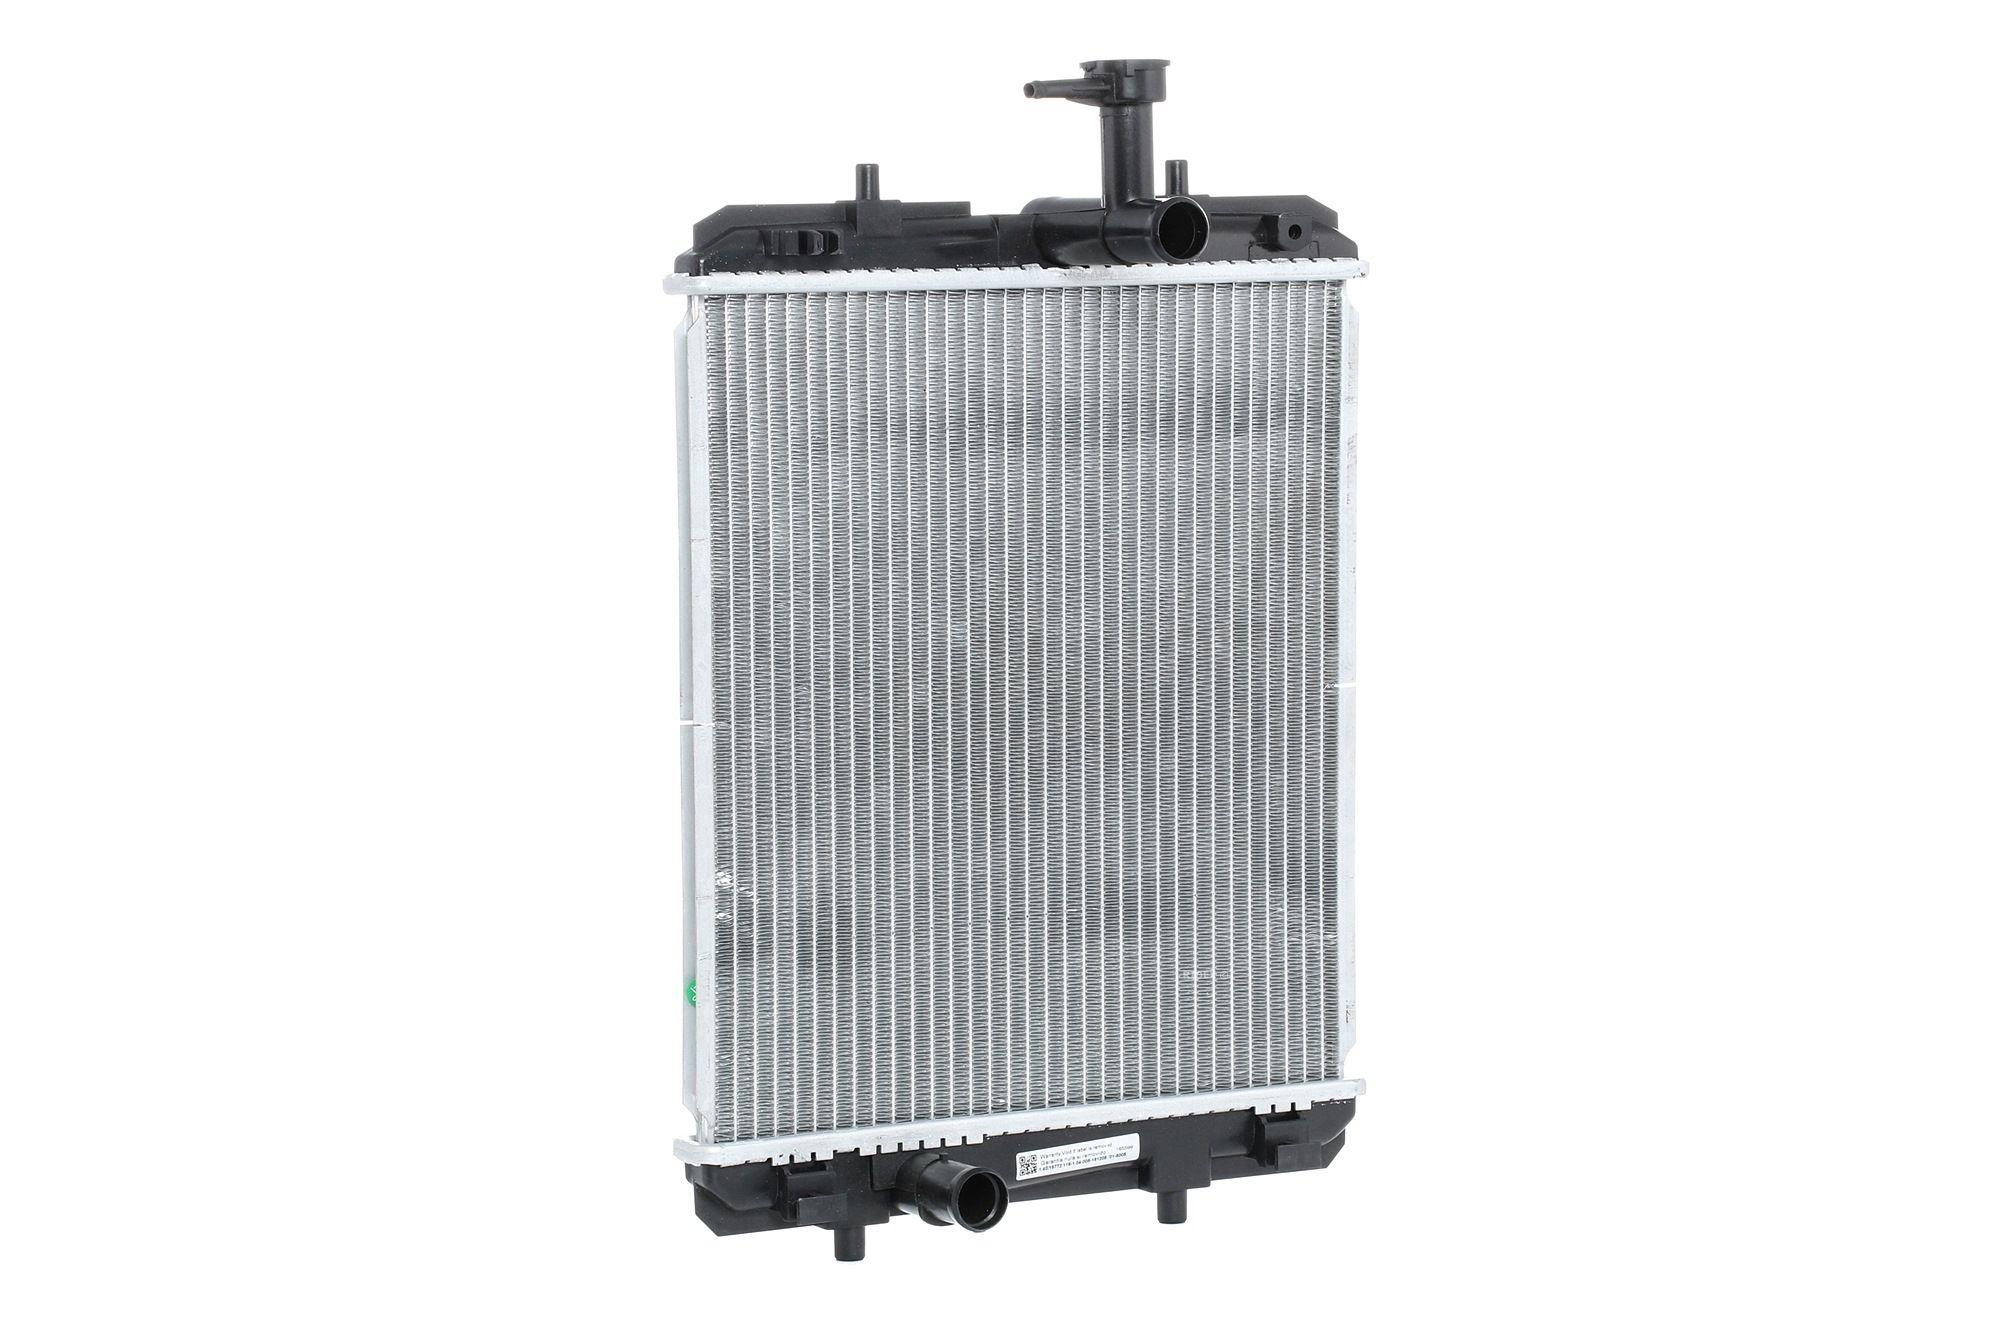 Kühler RIDEX 470R0416 Bewertung